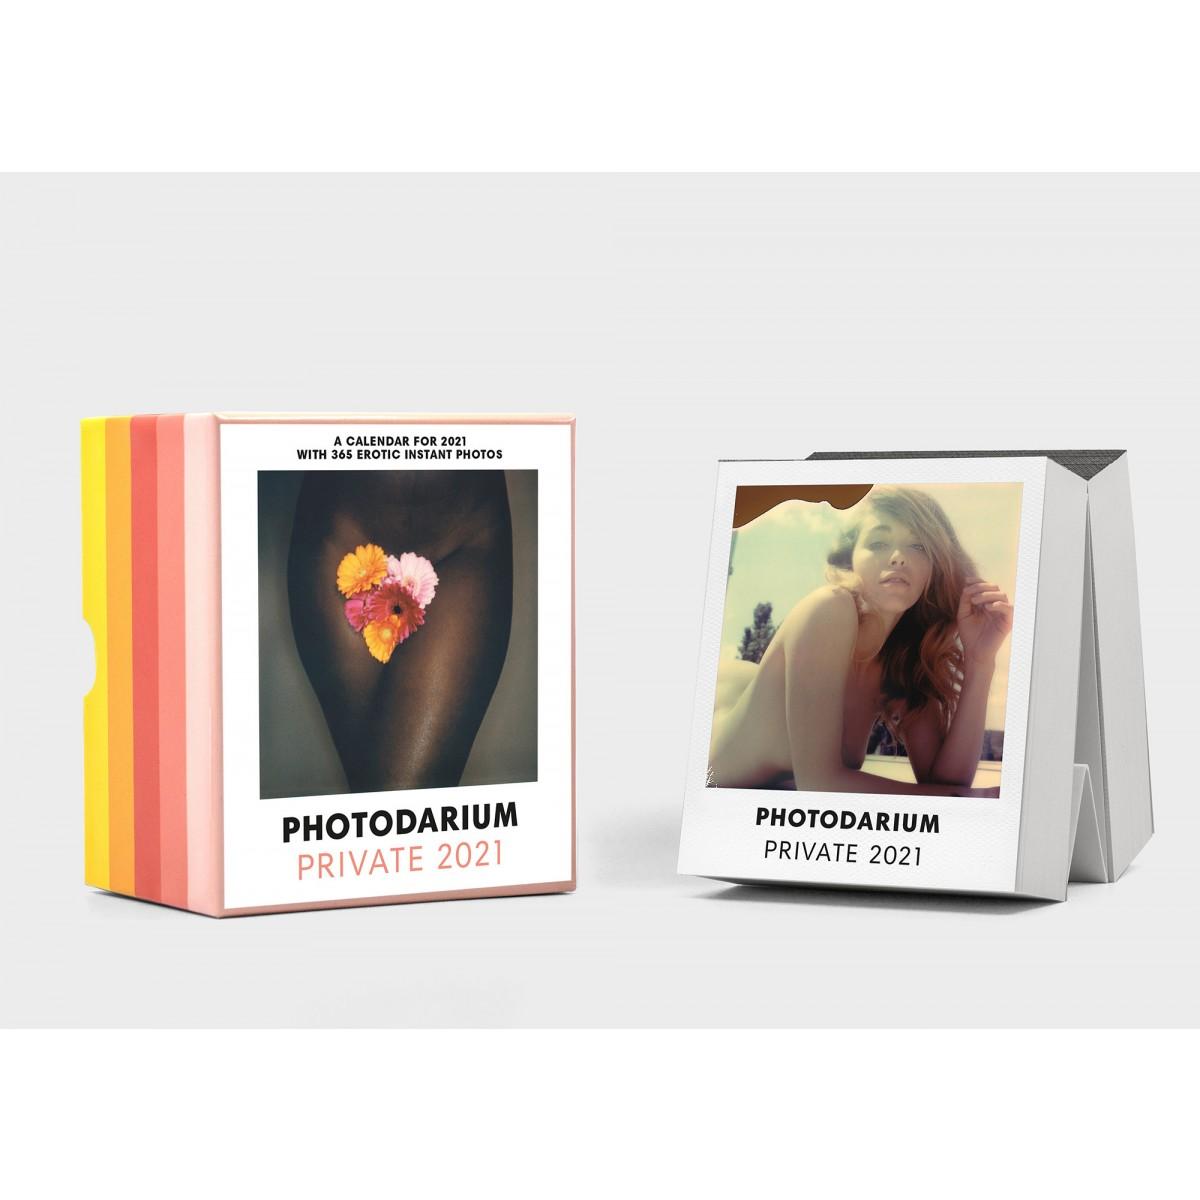 PHOTODARIUM PRIVATE 2021